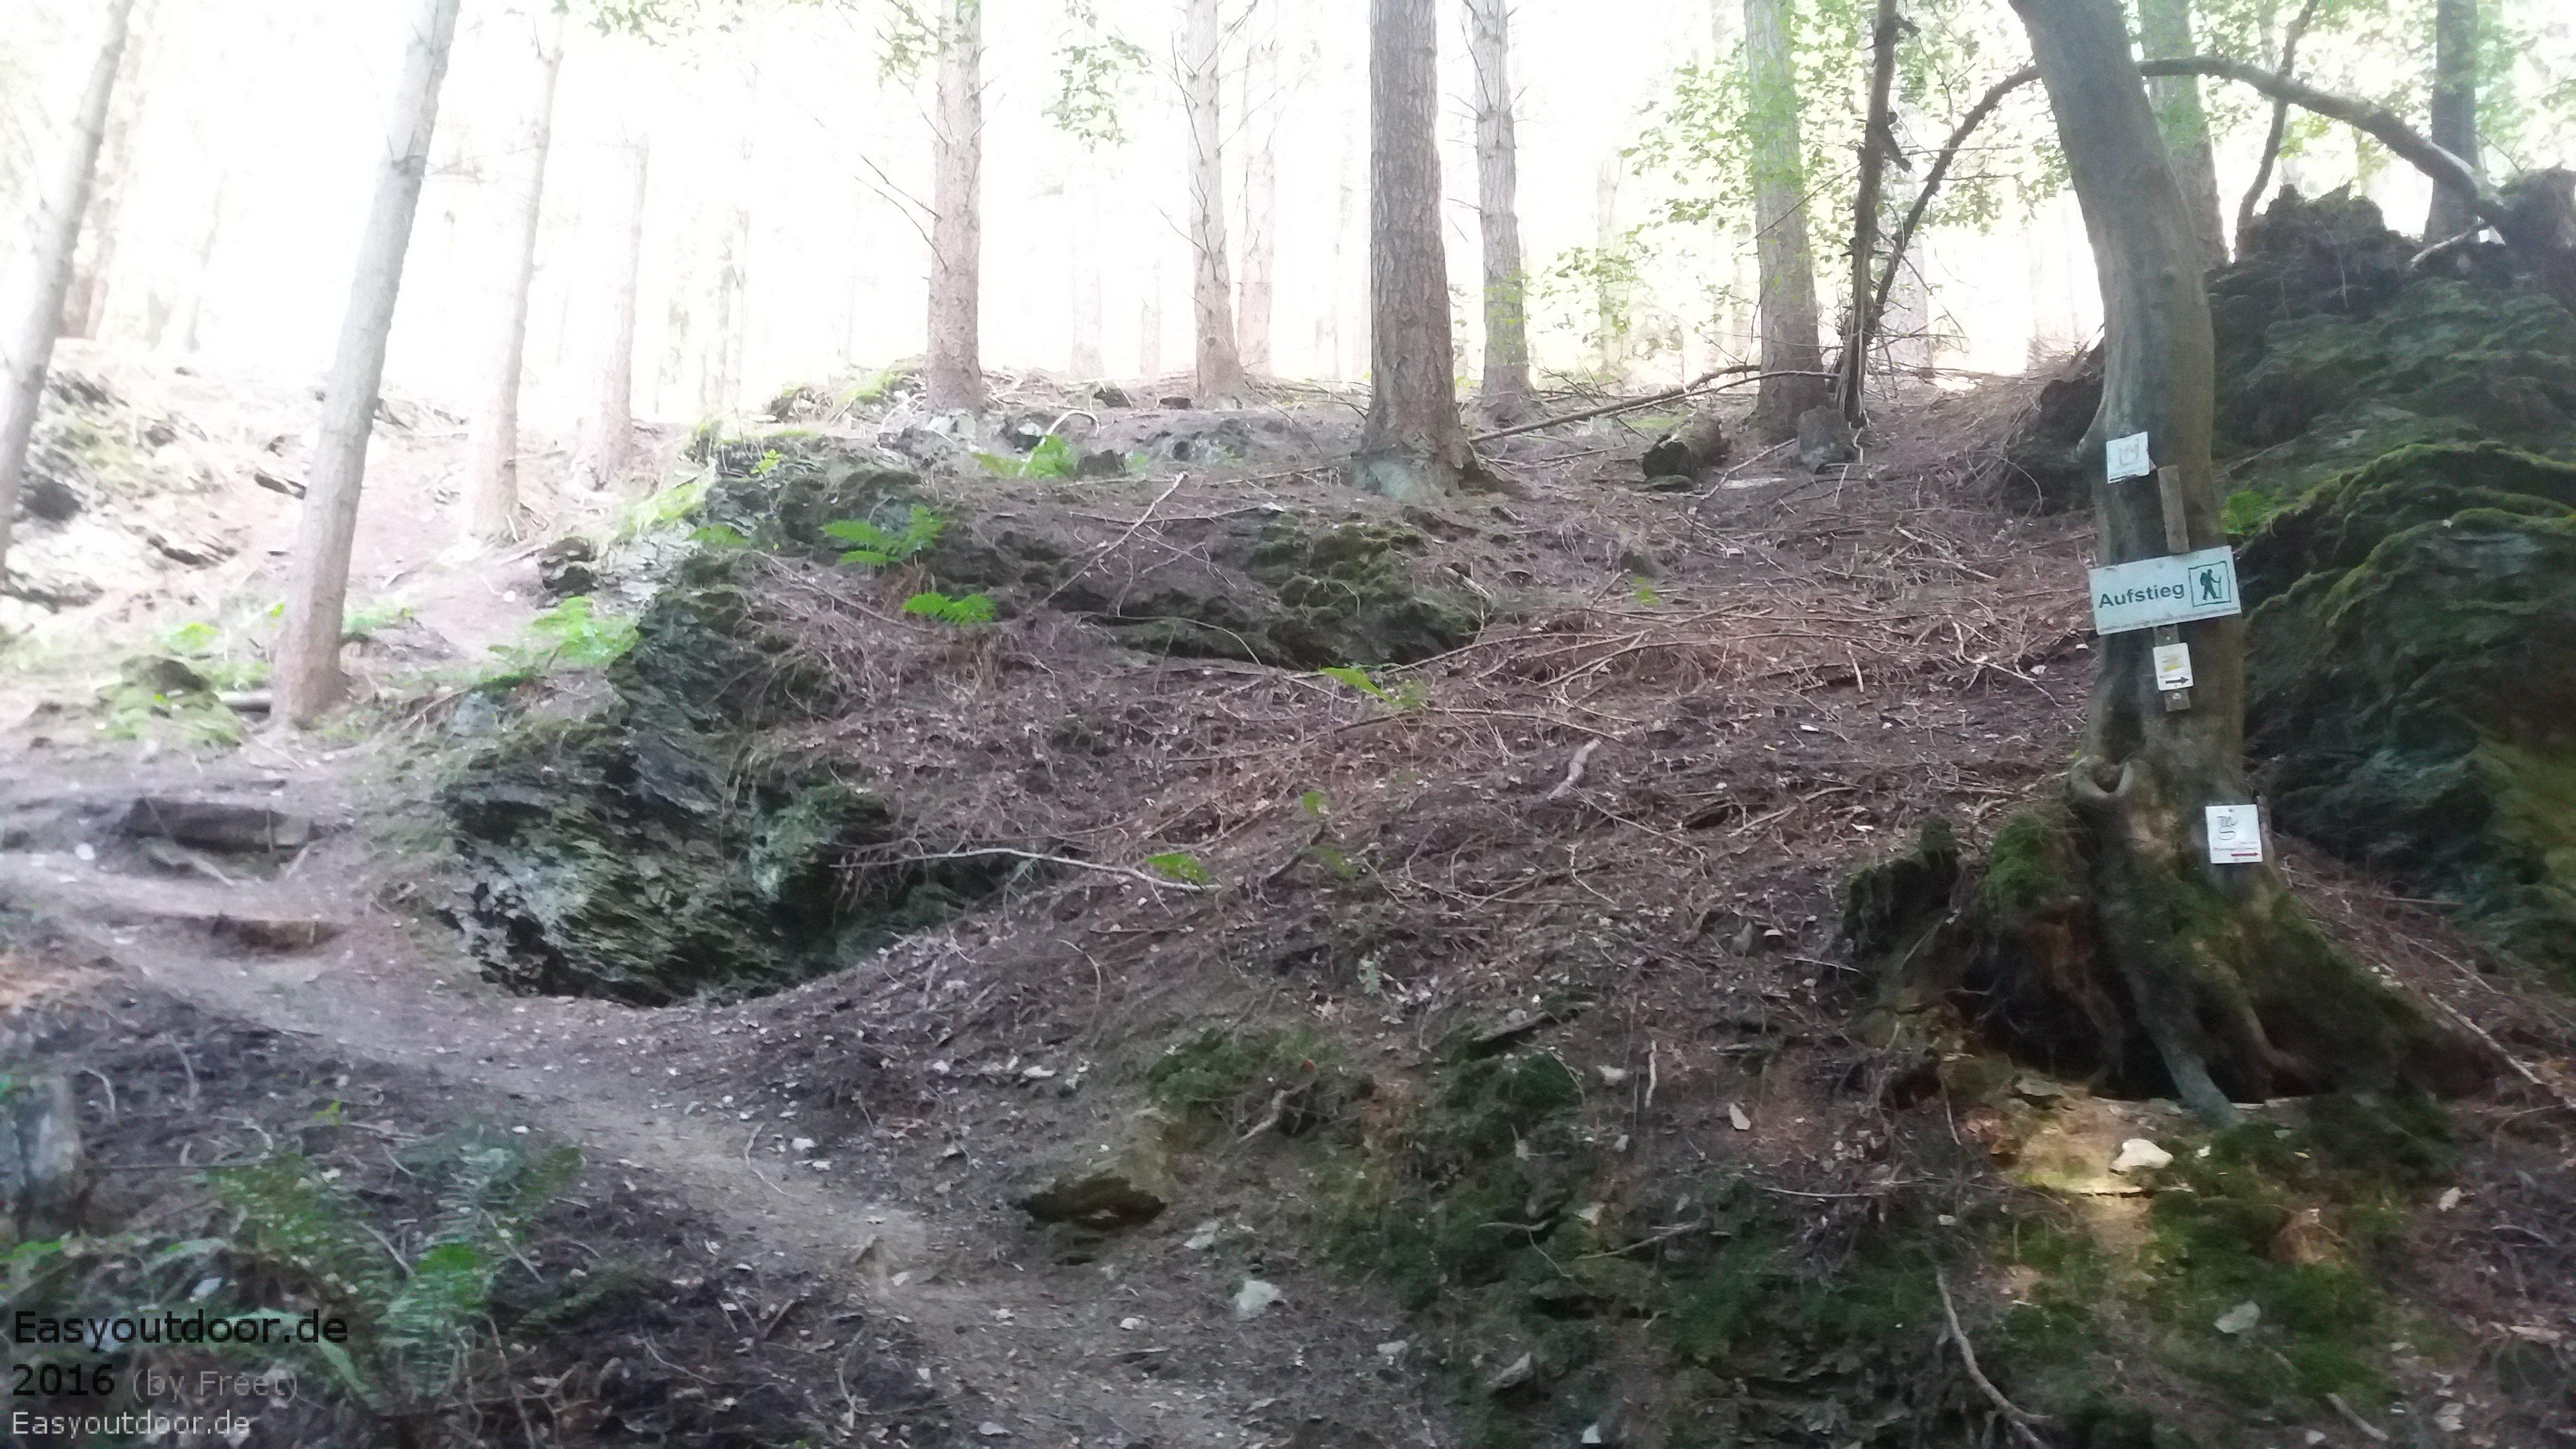 Klettersteig Riol : Klettersteig riol mehring unterwegs ist zuhauseu